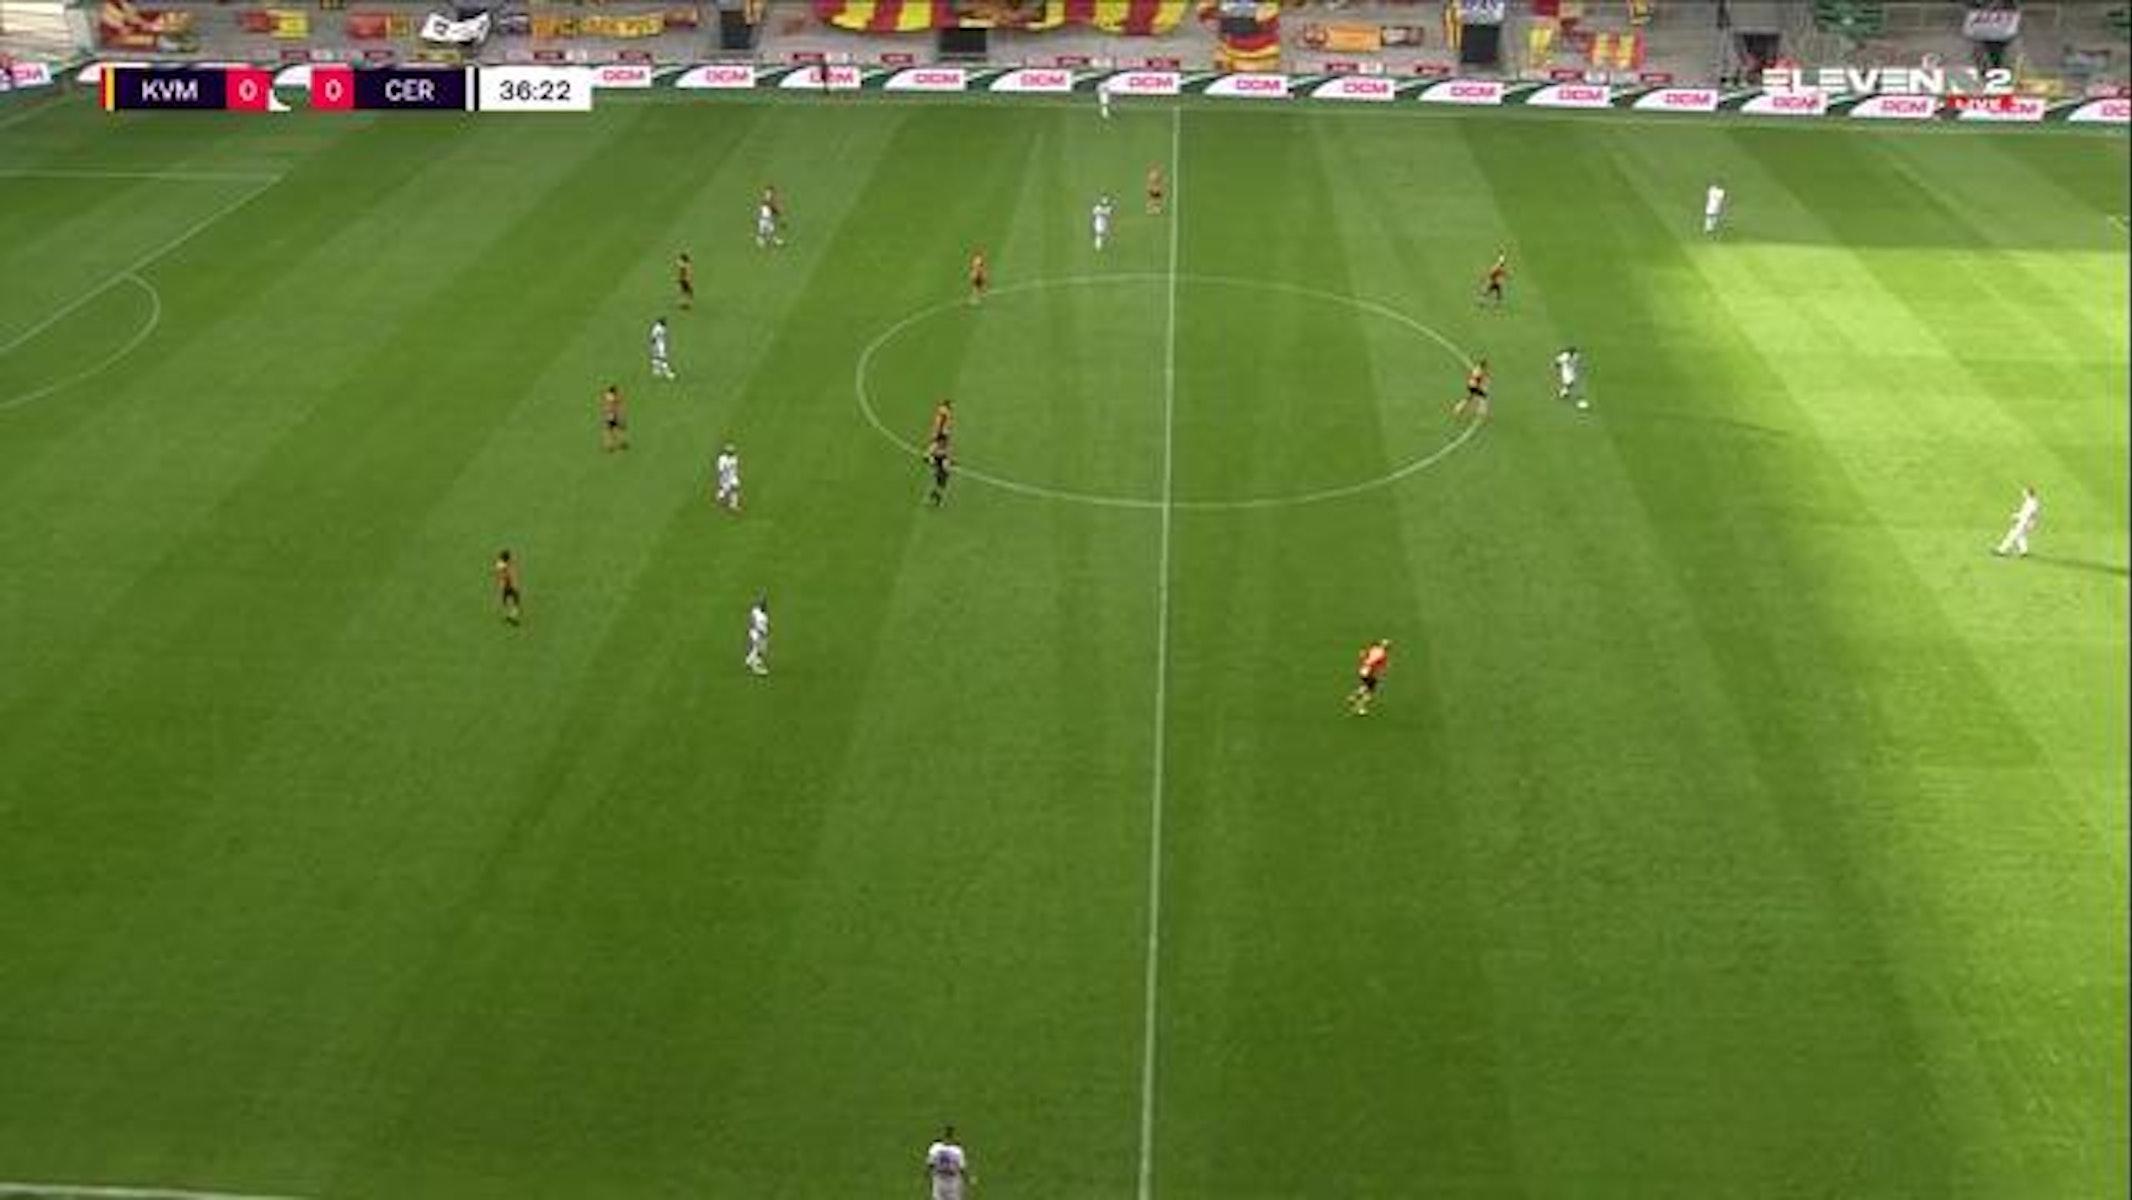 Doelpunt William Togui (KV Mechelen vs. Cercle Brugge)